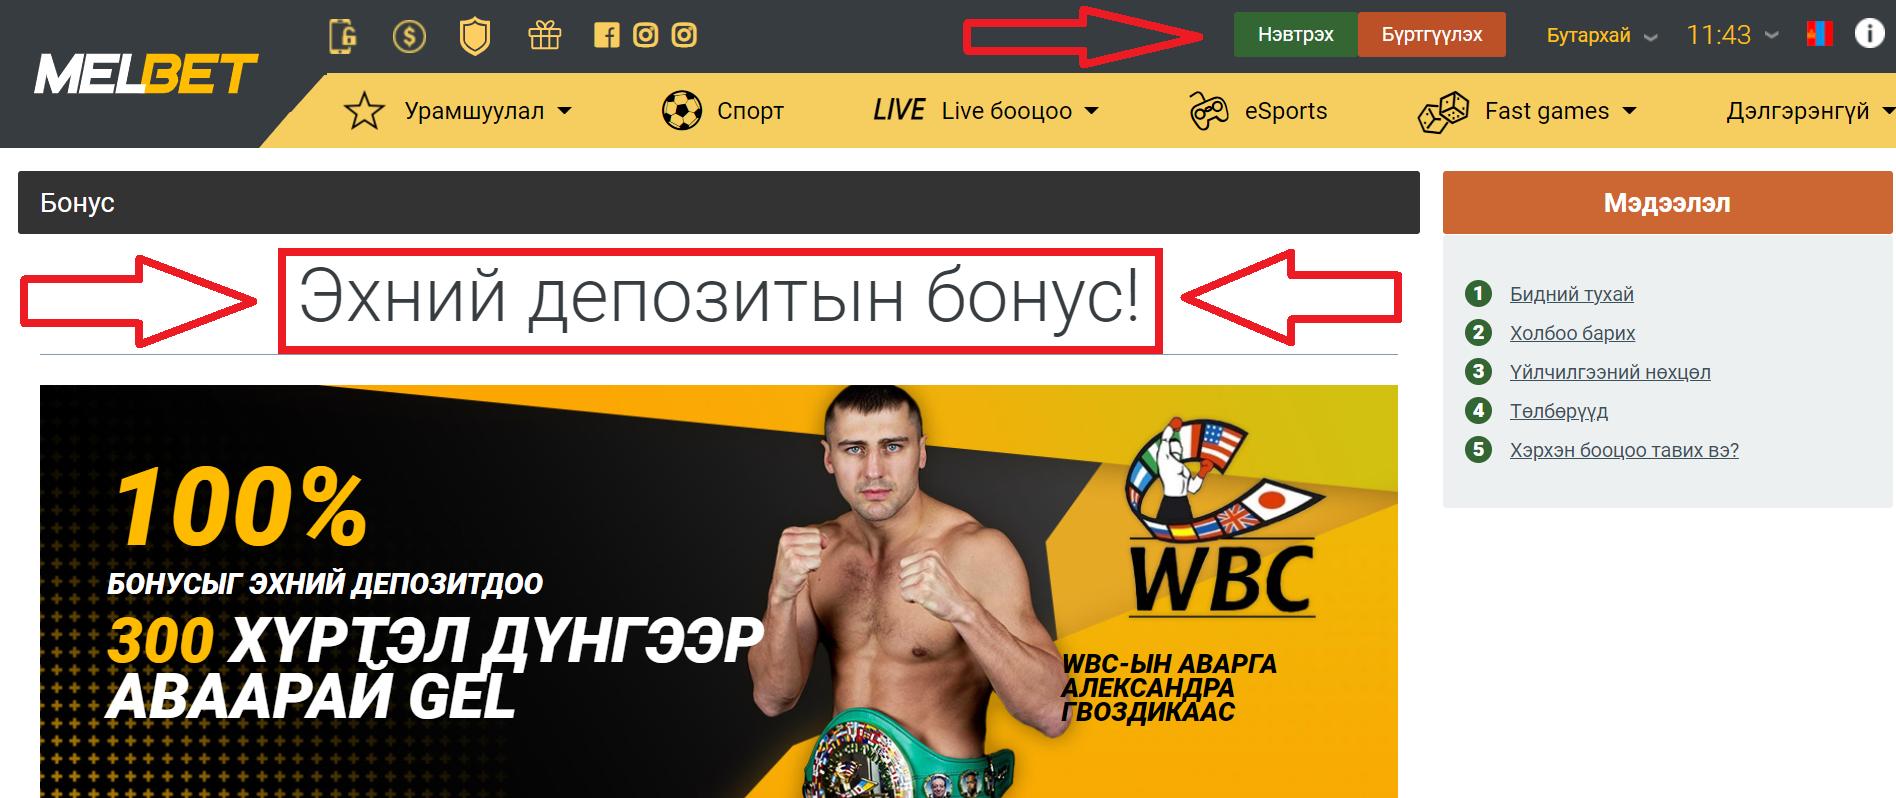 Бооцооны компаний Melbet: юу вэ сурталчилгааны код Монгол?